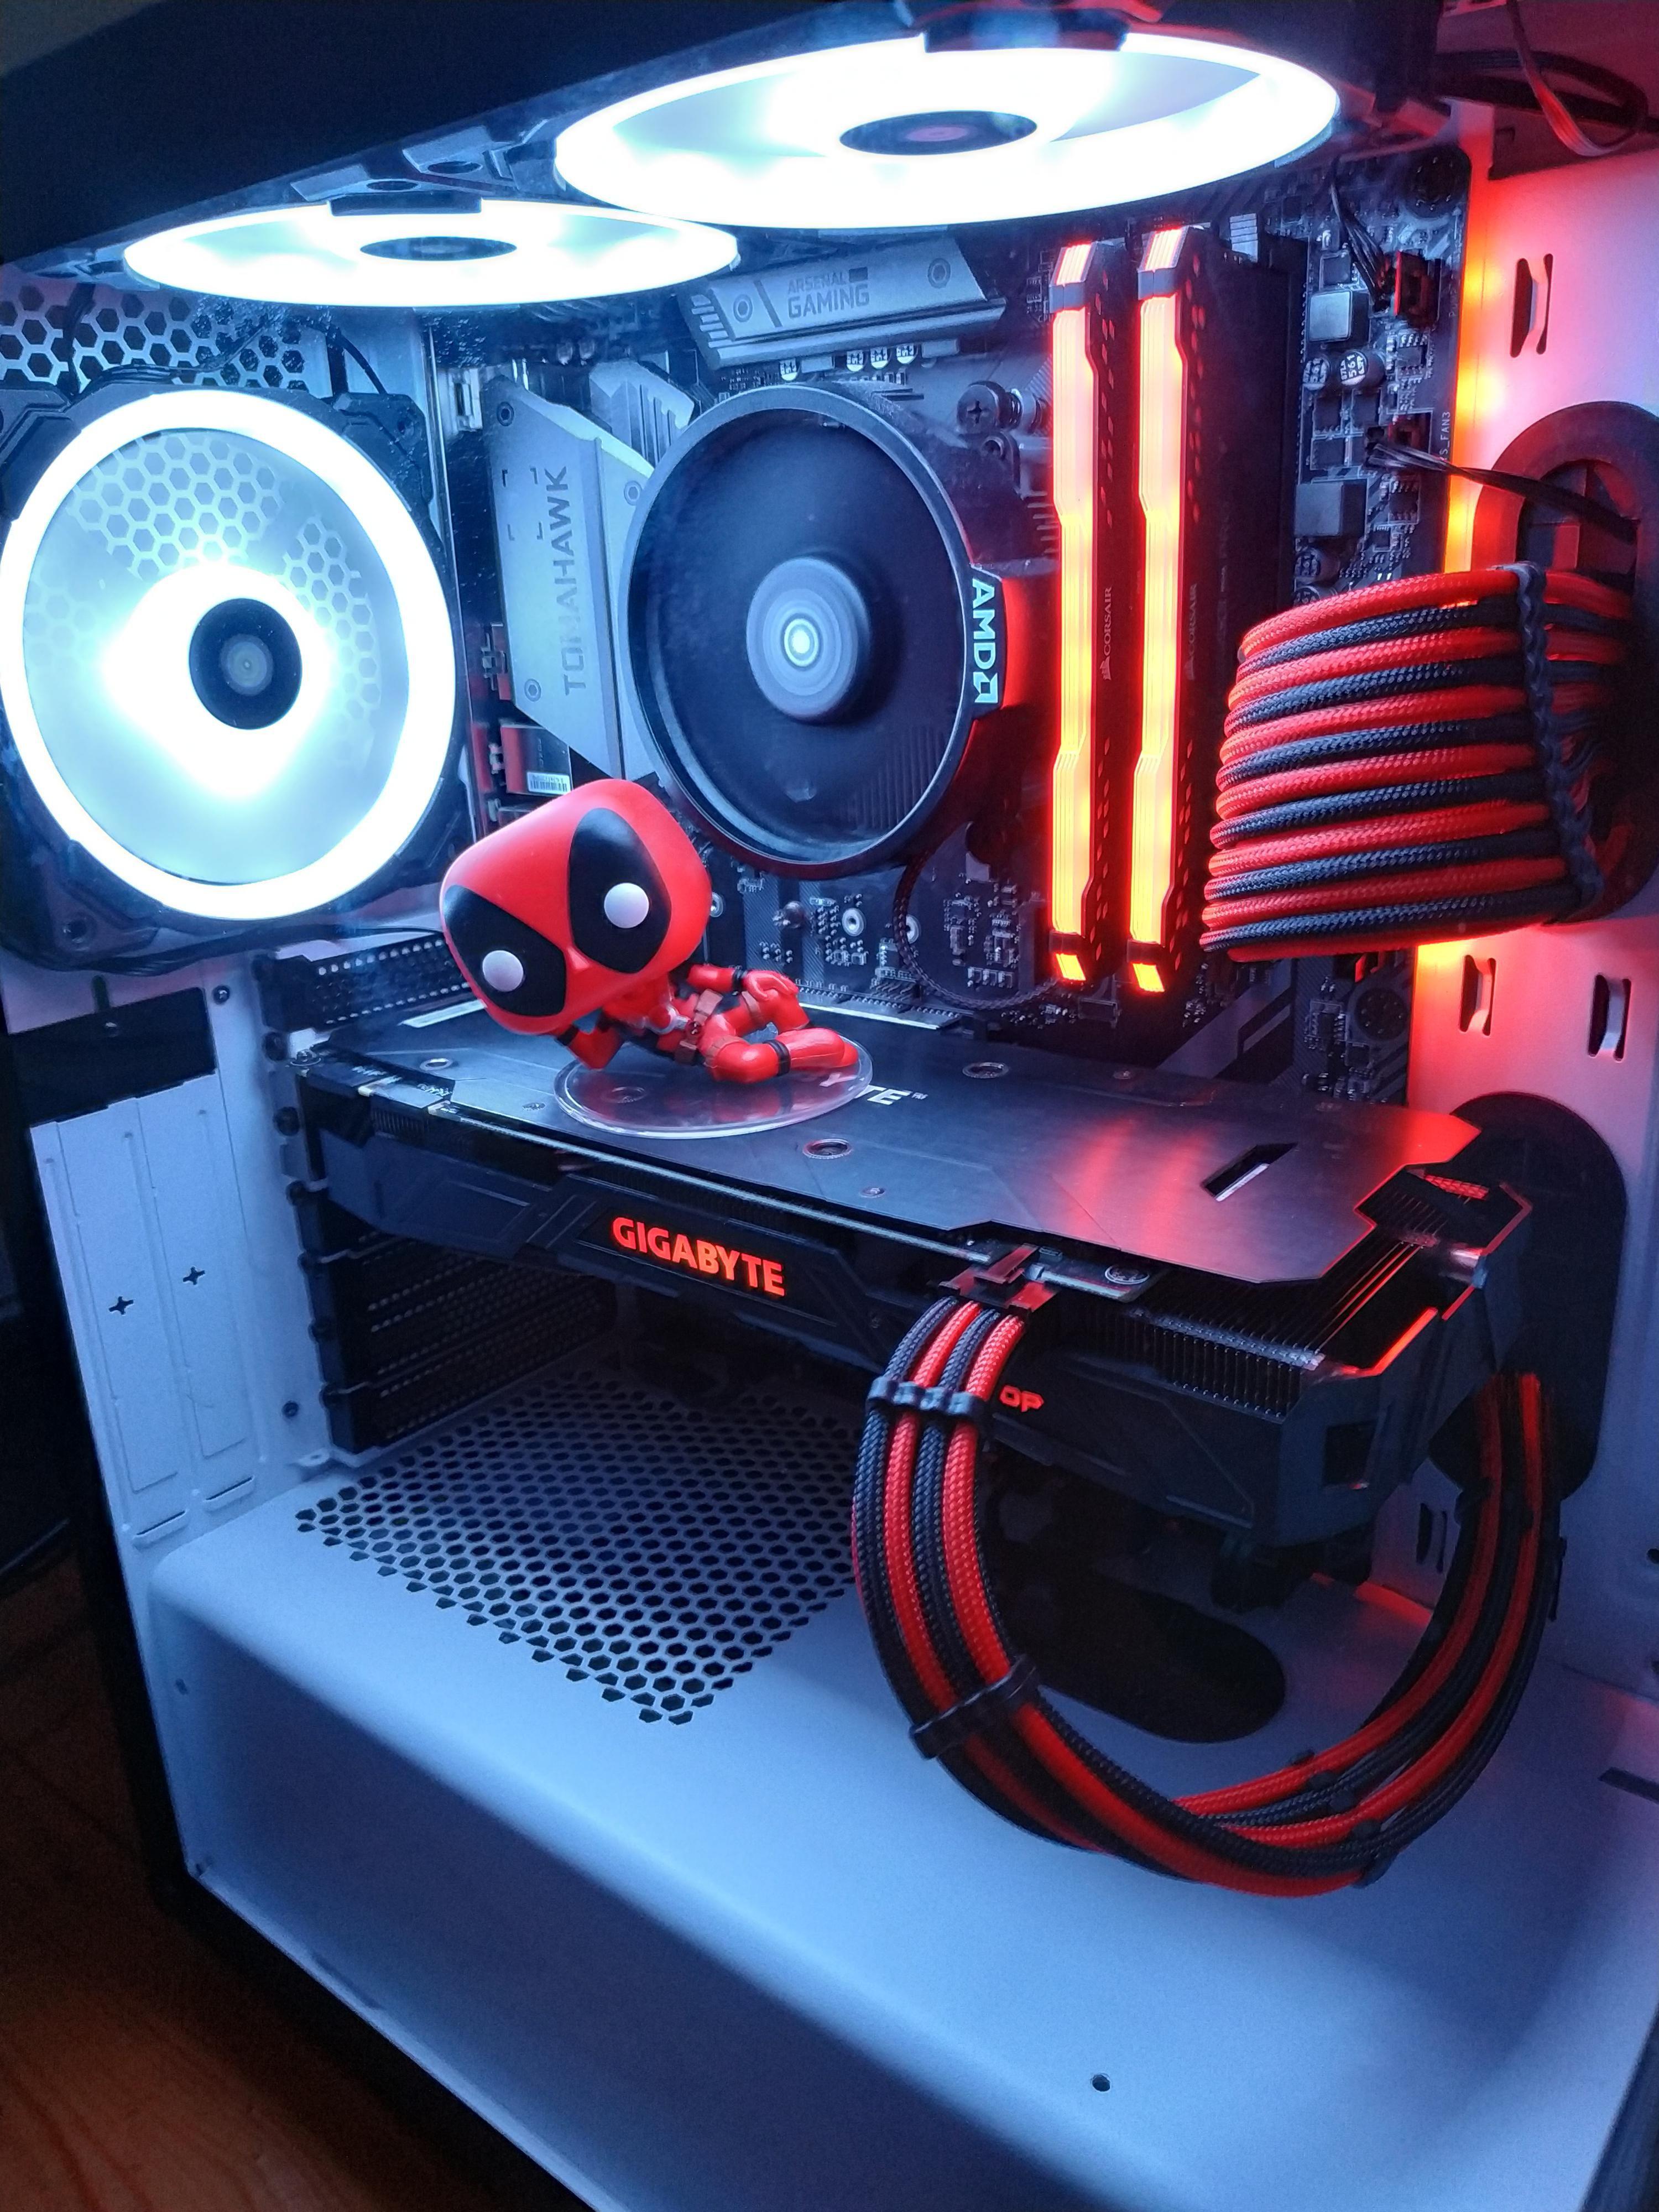 My Deadpool Themed Build Pcmasterrace Custom Computer Best